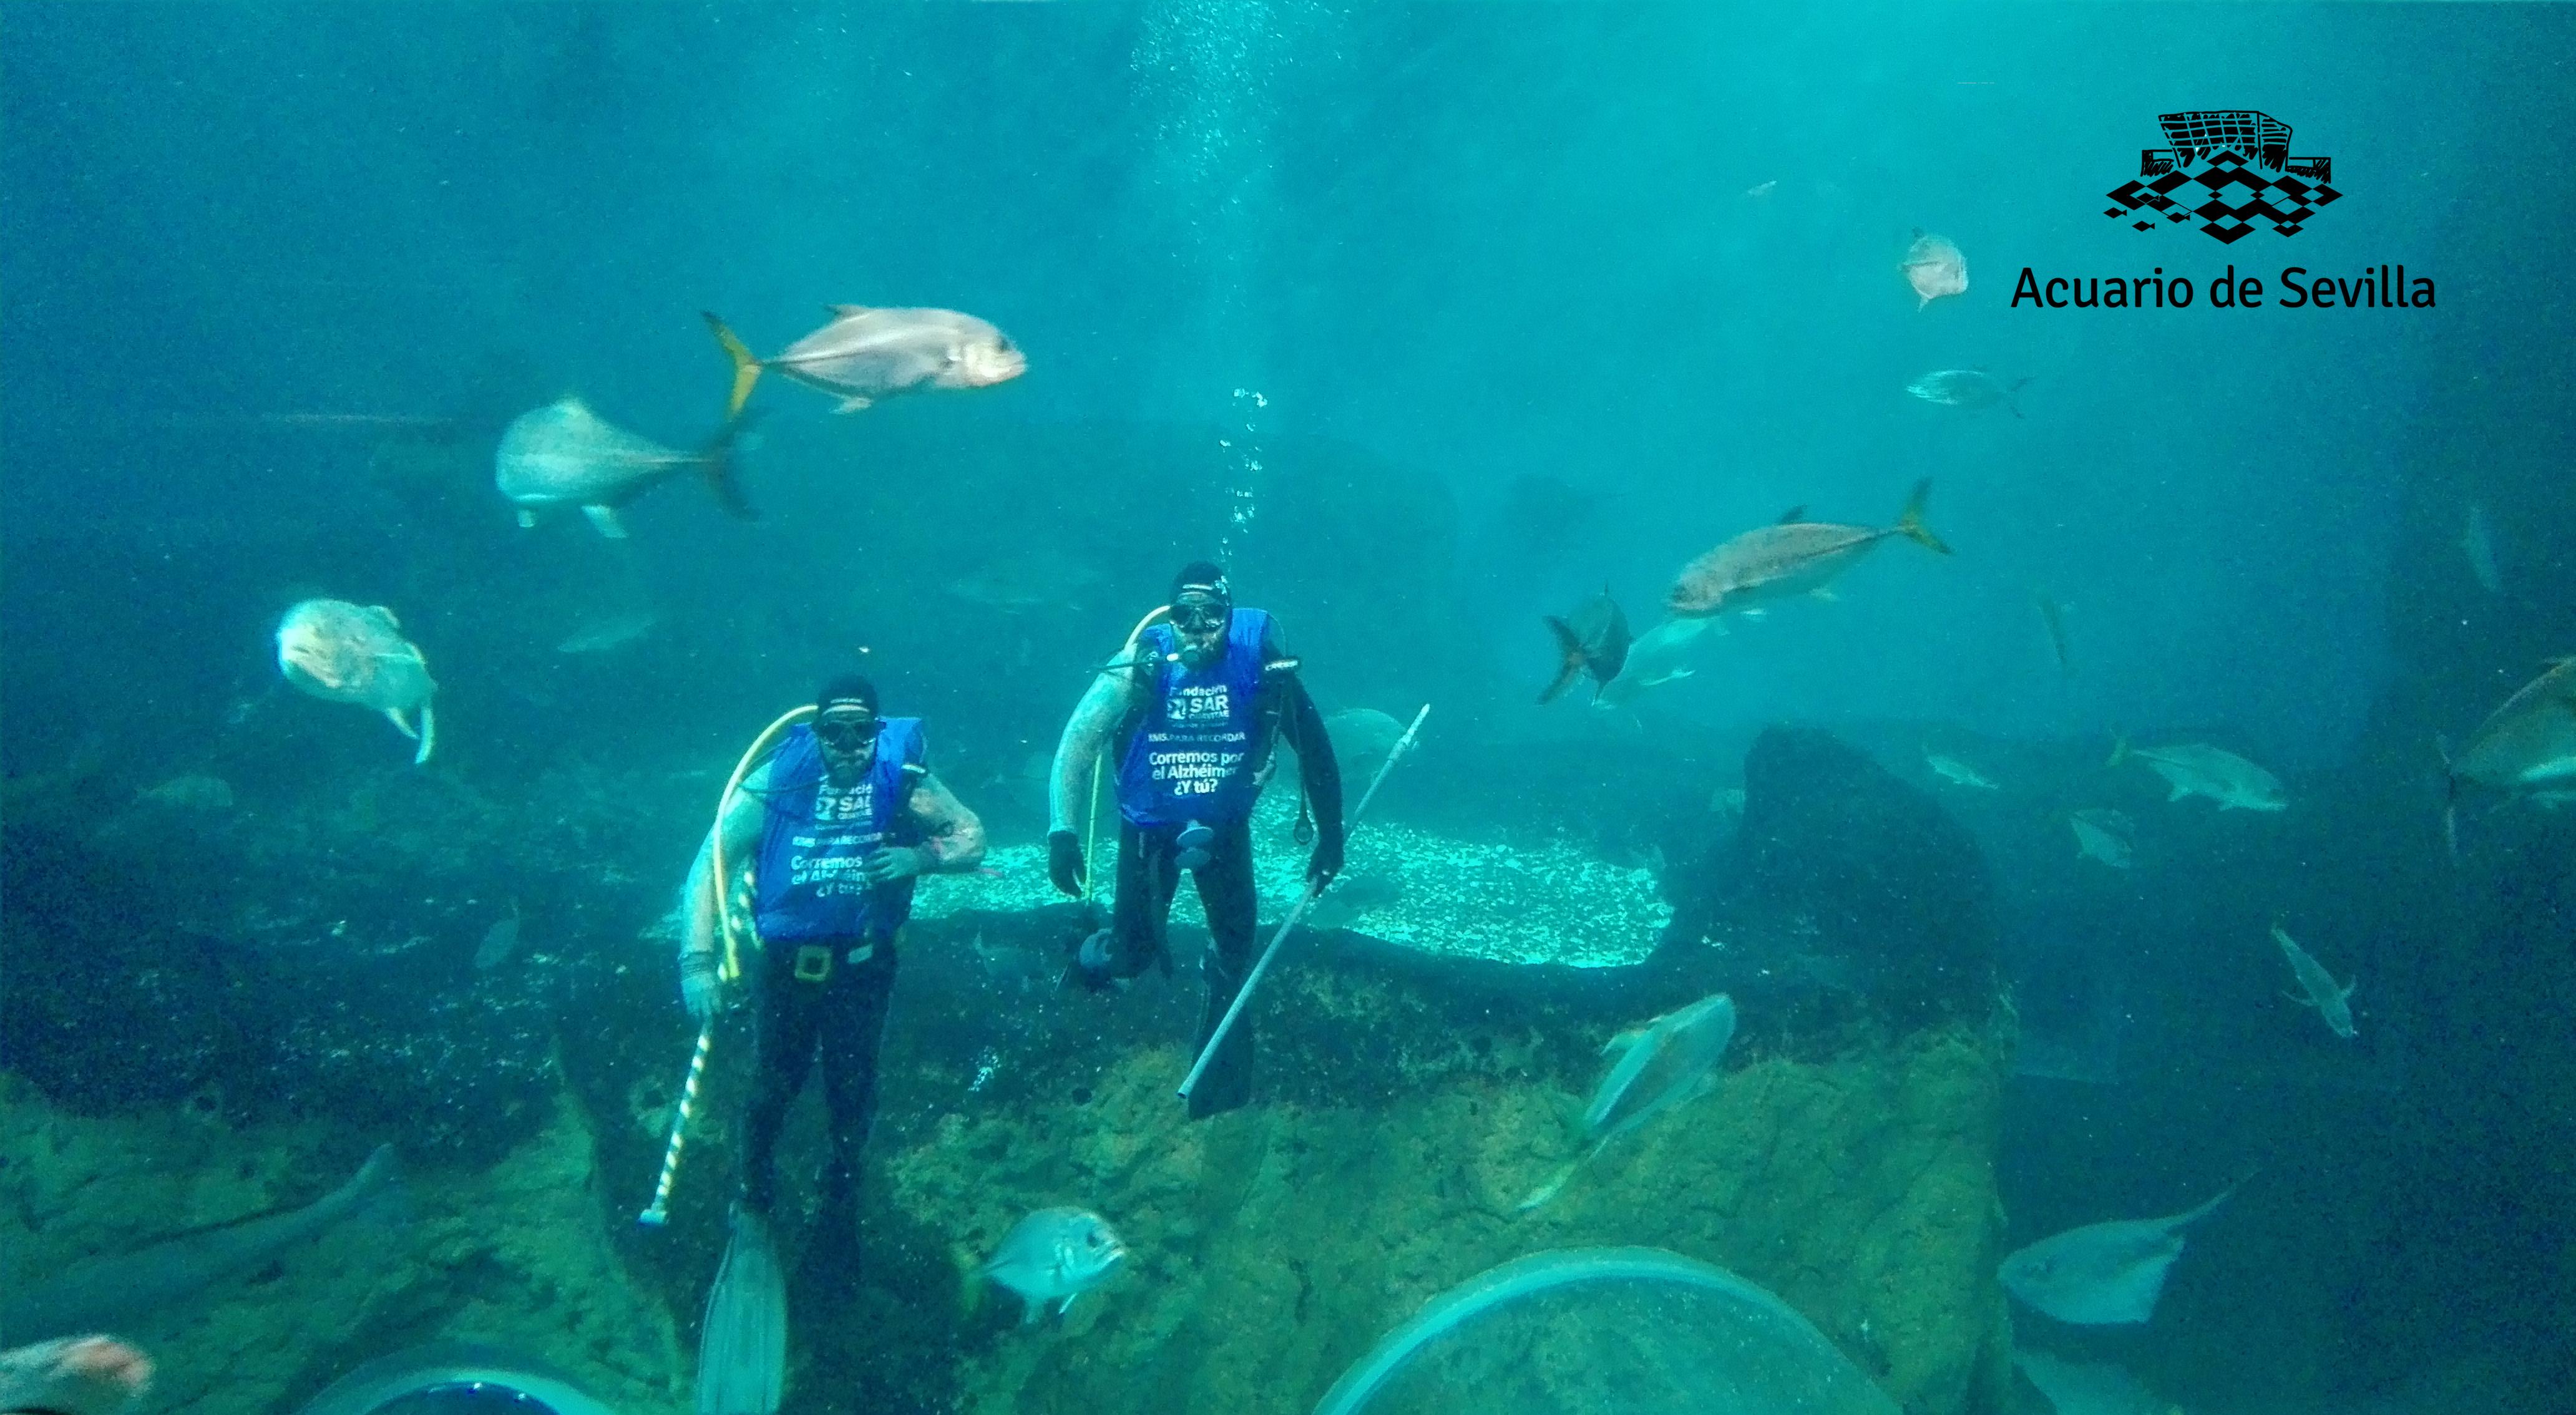 acuario de sevilla kms1